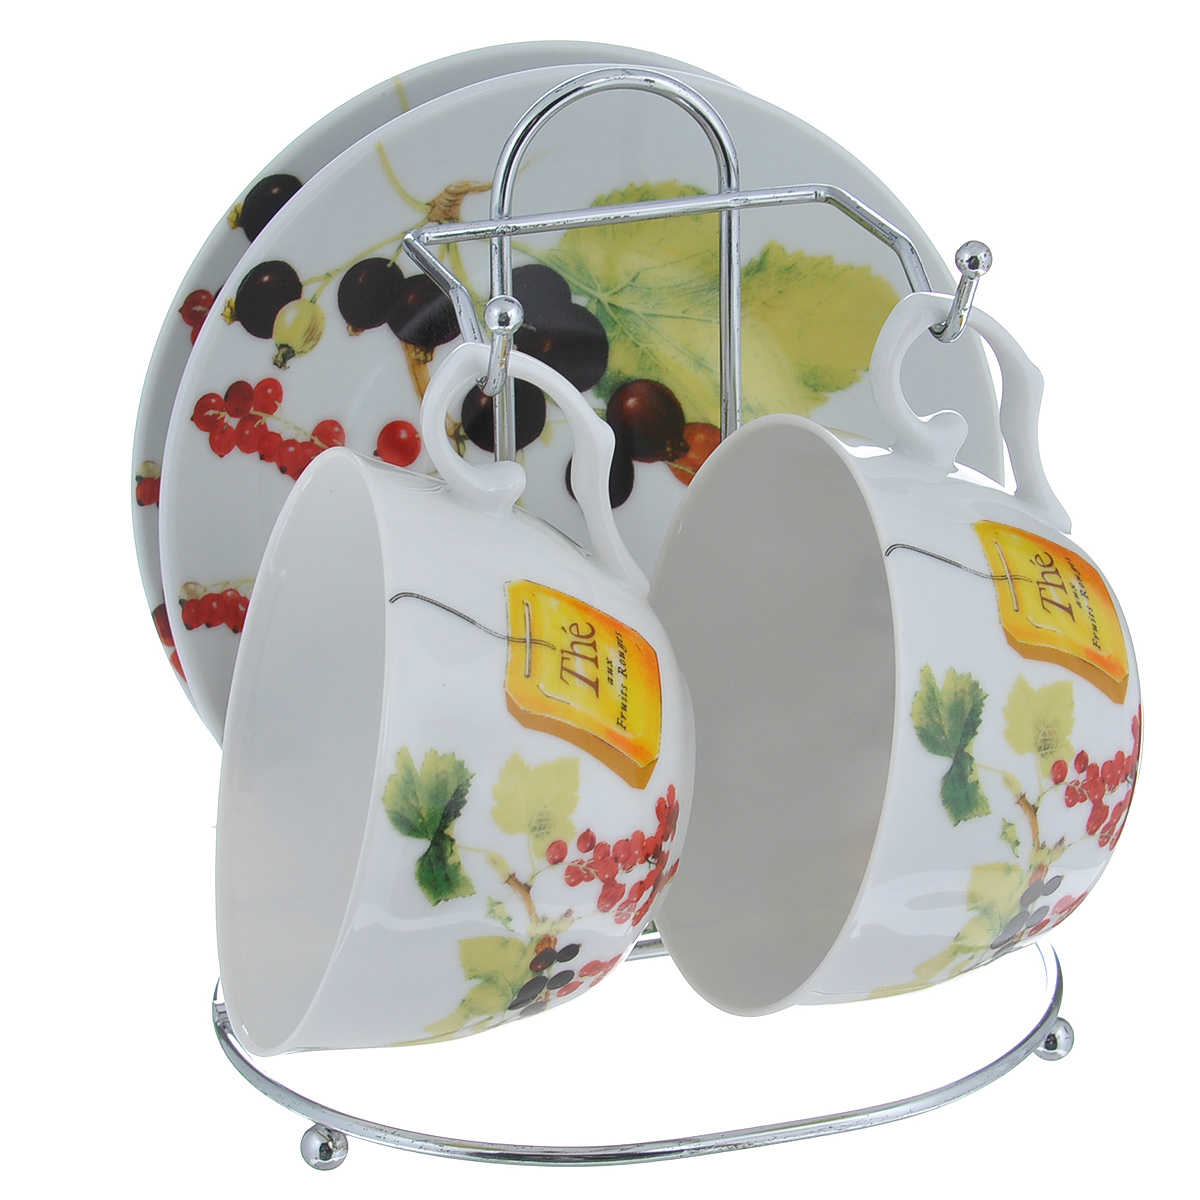 Набор чайный Larange Смородина, 5 предметовVT-1520(SR)Чайный набор Смородина состоит из двух чашек и двух блюдец. Предметы набора изготовлены из высококачественного фарфора и оформлены изображением ягод красной и черной смородины. Чашки и блюдца располагаются на удобной металлической подставке. Элегантный дизайн чайного набора придется по вкусу и ценителям классики, и тем, кто предпочитает утонченность и изысканность. Он настроит на позитивный лад и подарит хорошее настроение с самого утра.Не использовать в микроволновой печи. Не применять абразивные чистящие вещества. Объем чашки: 250 мл.Диаметр чашки по верхнему краю: 9,5 см.Высота чашки: 6 см.Диаметр блюдца: 14,5 см.Размер подставки: 14 см х 12 см х 16 см.